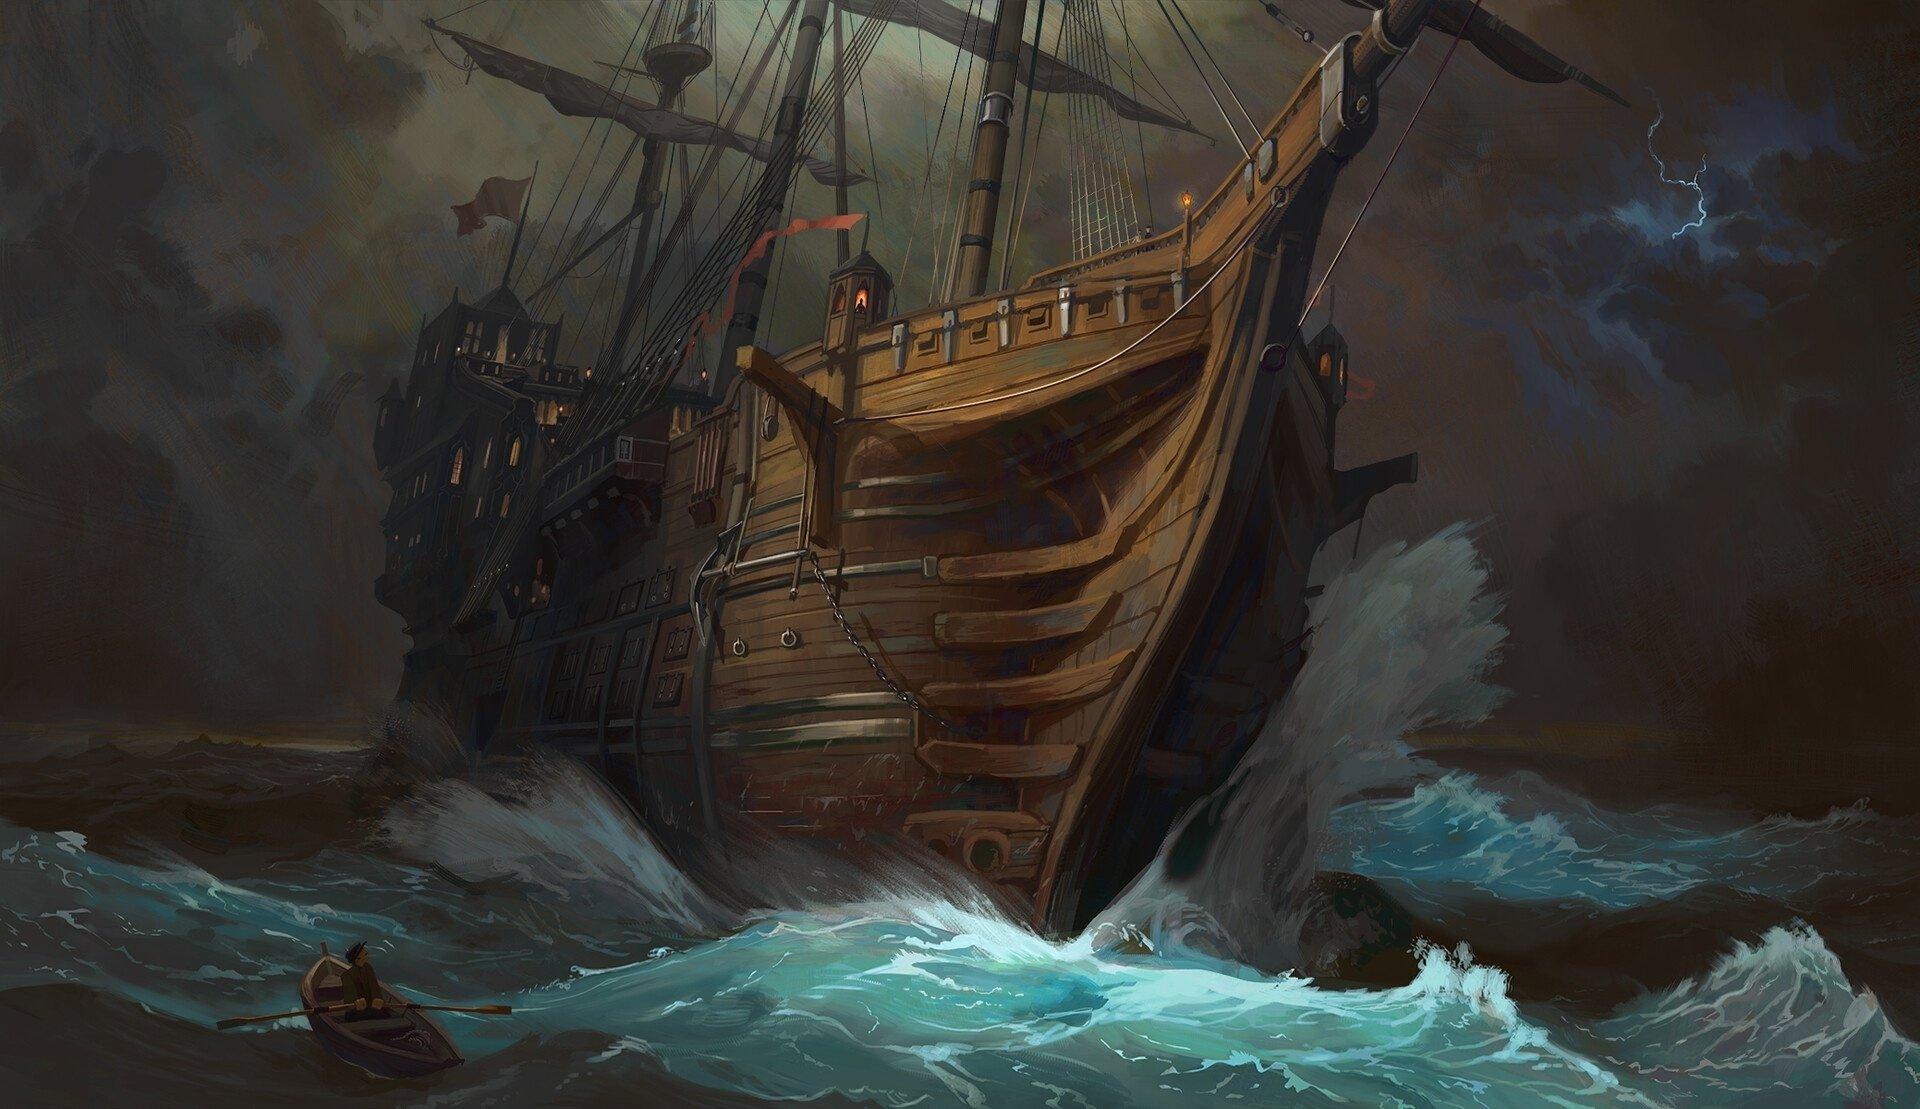 Navire Fond D Ecran Hd Arriere Plan 1920x1109 Id 1028738 Wallpaper Abyss